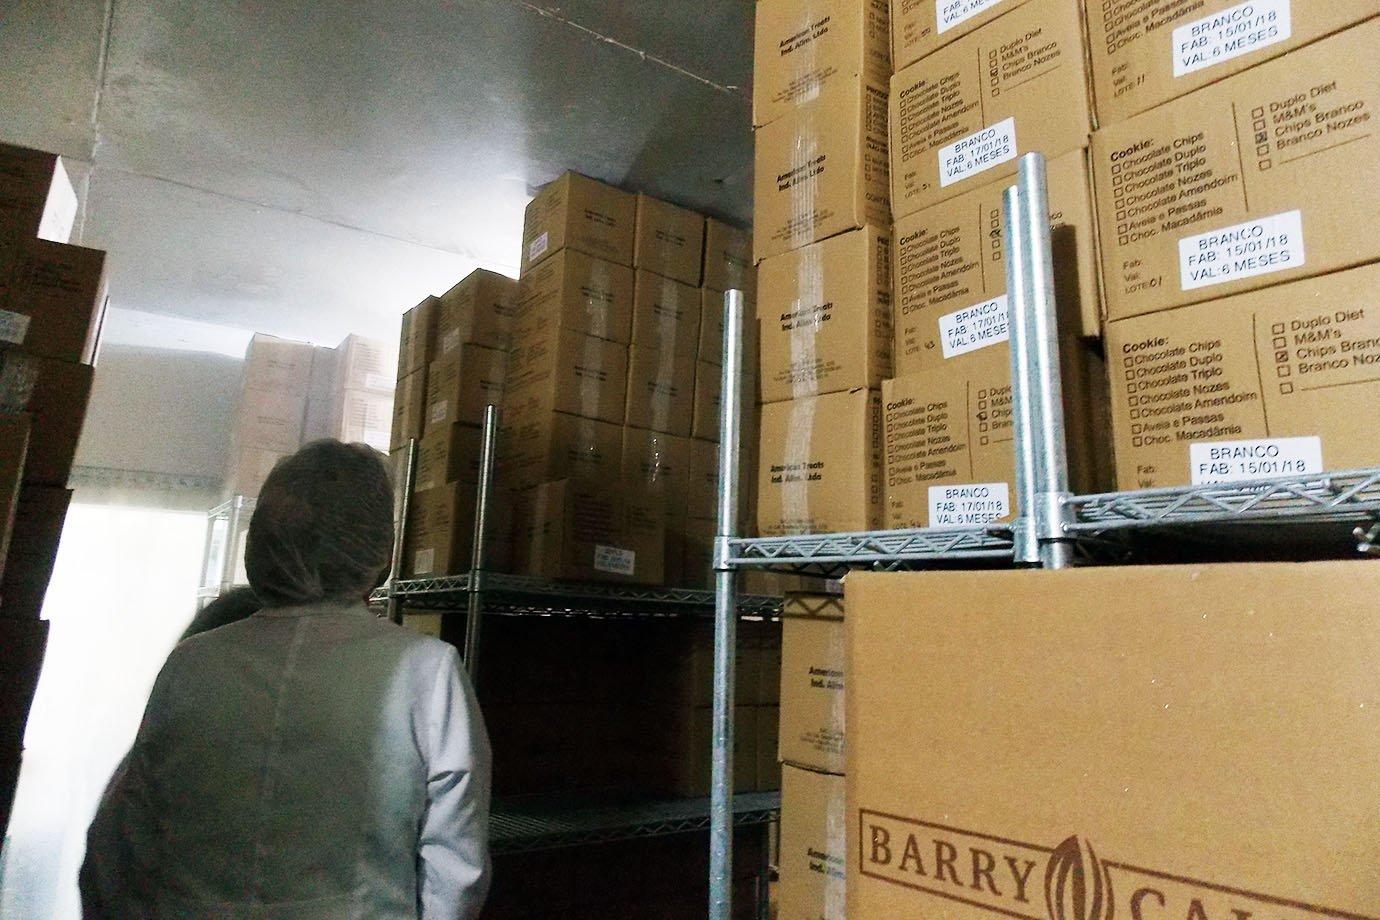 Em câmara fria, caixas com cookies da Mr. Cheney, na fábrica em São Paulo